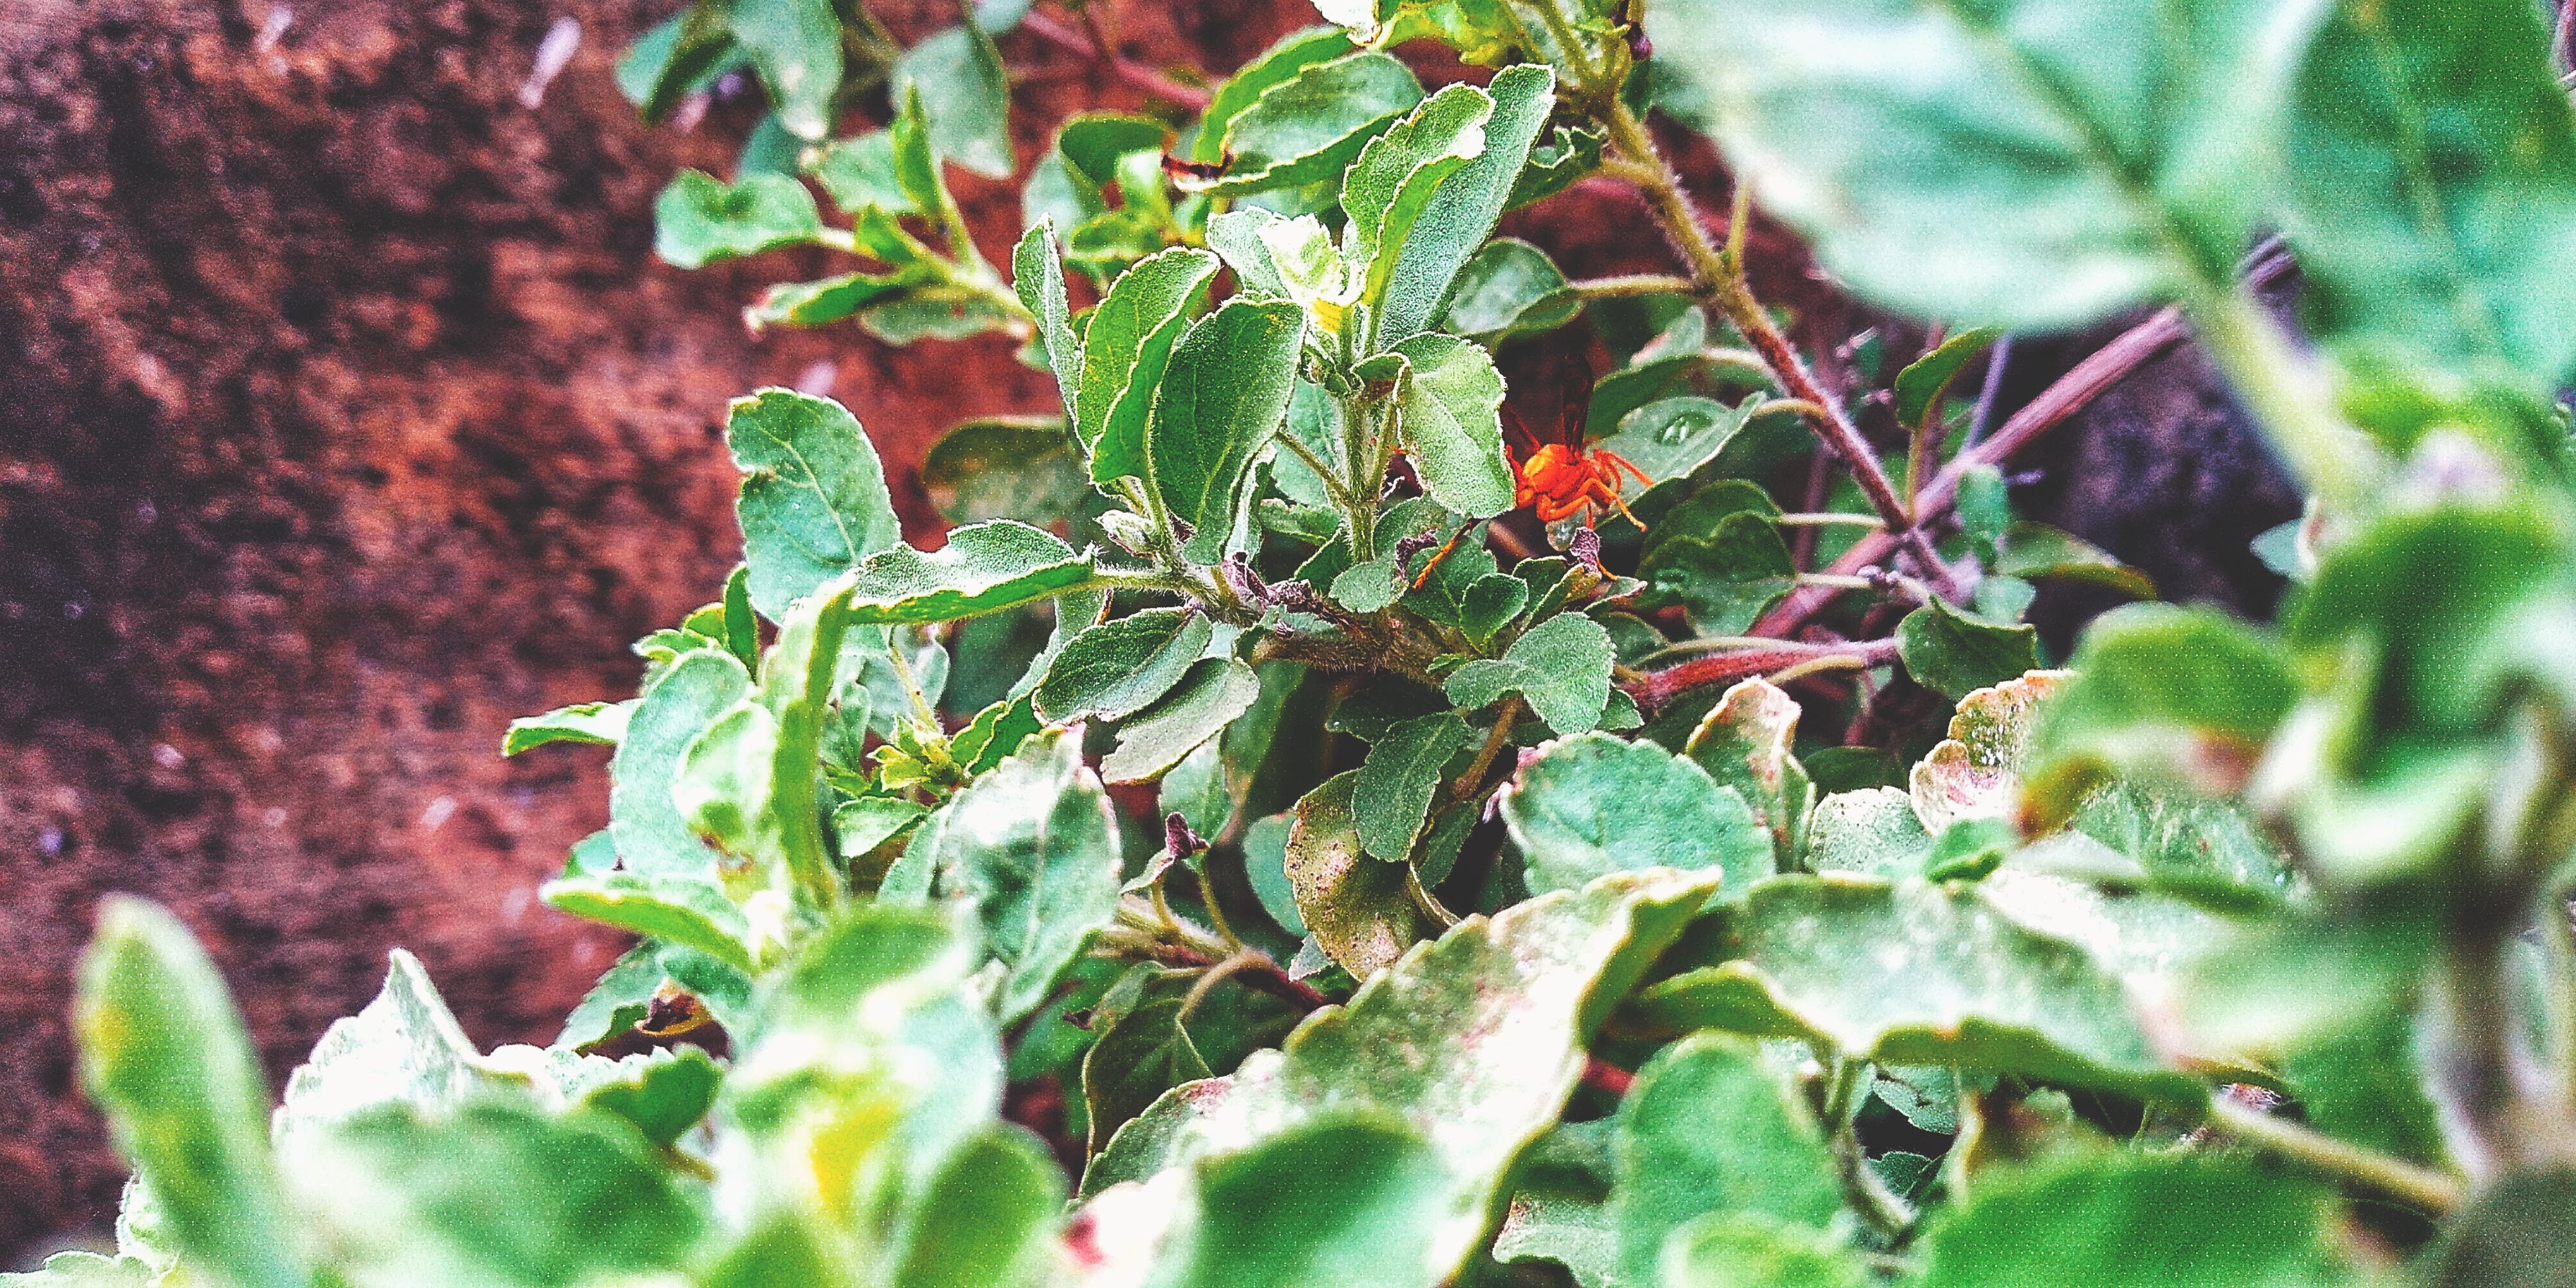 Δωρεάν στοκ φωτογραφιών με #insects, #leafs, #mobilechallenge, #ocimum tenuiflorum